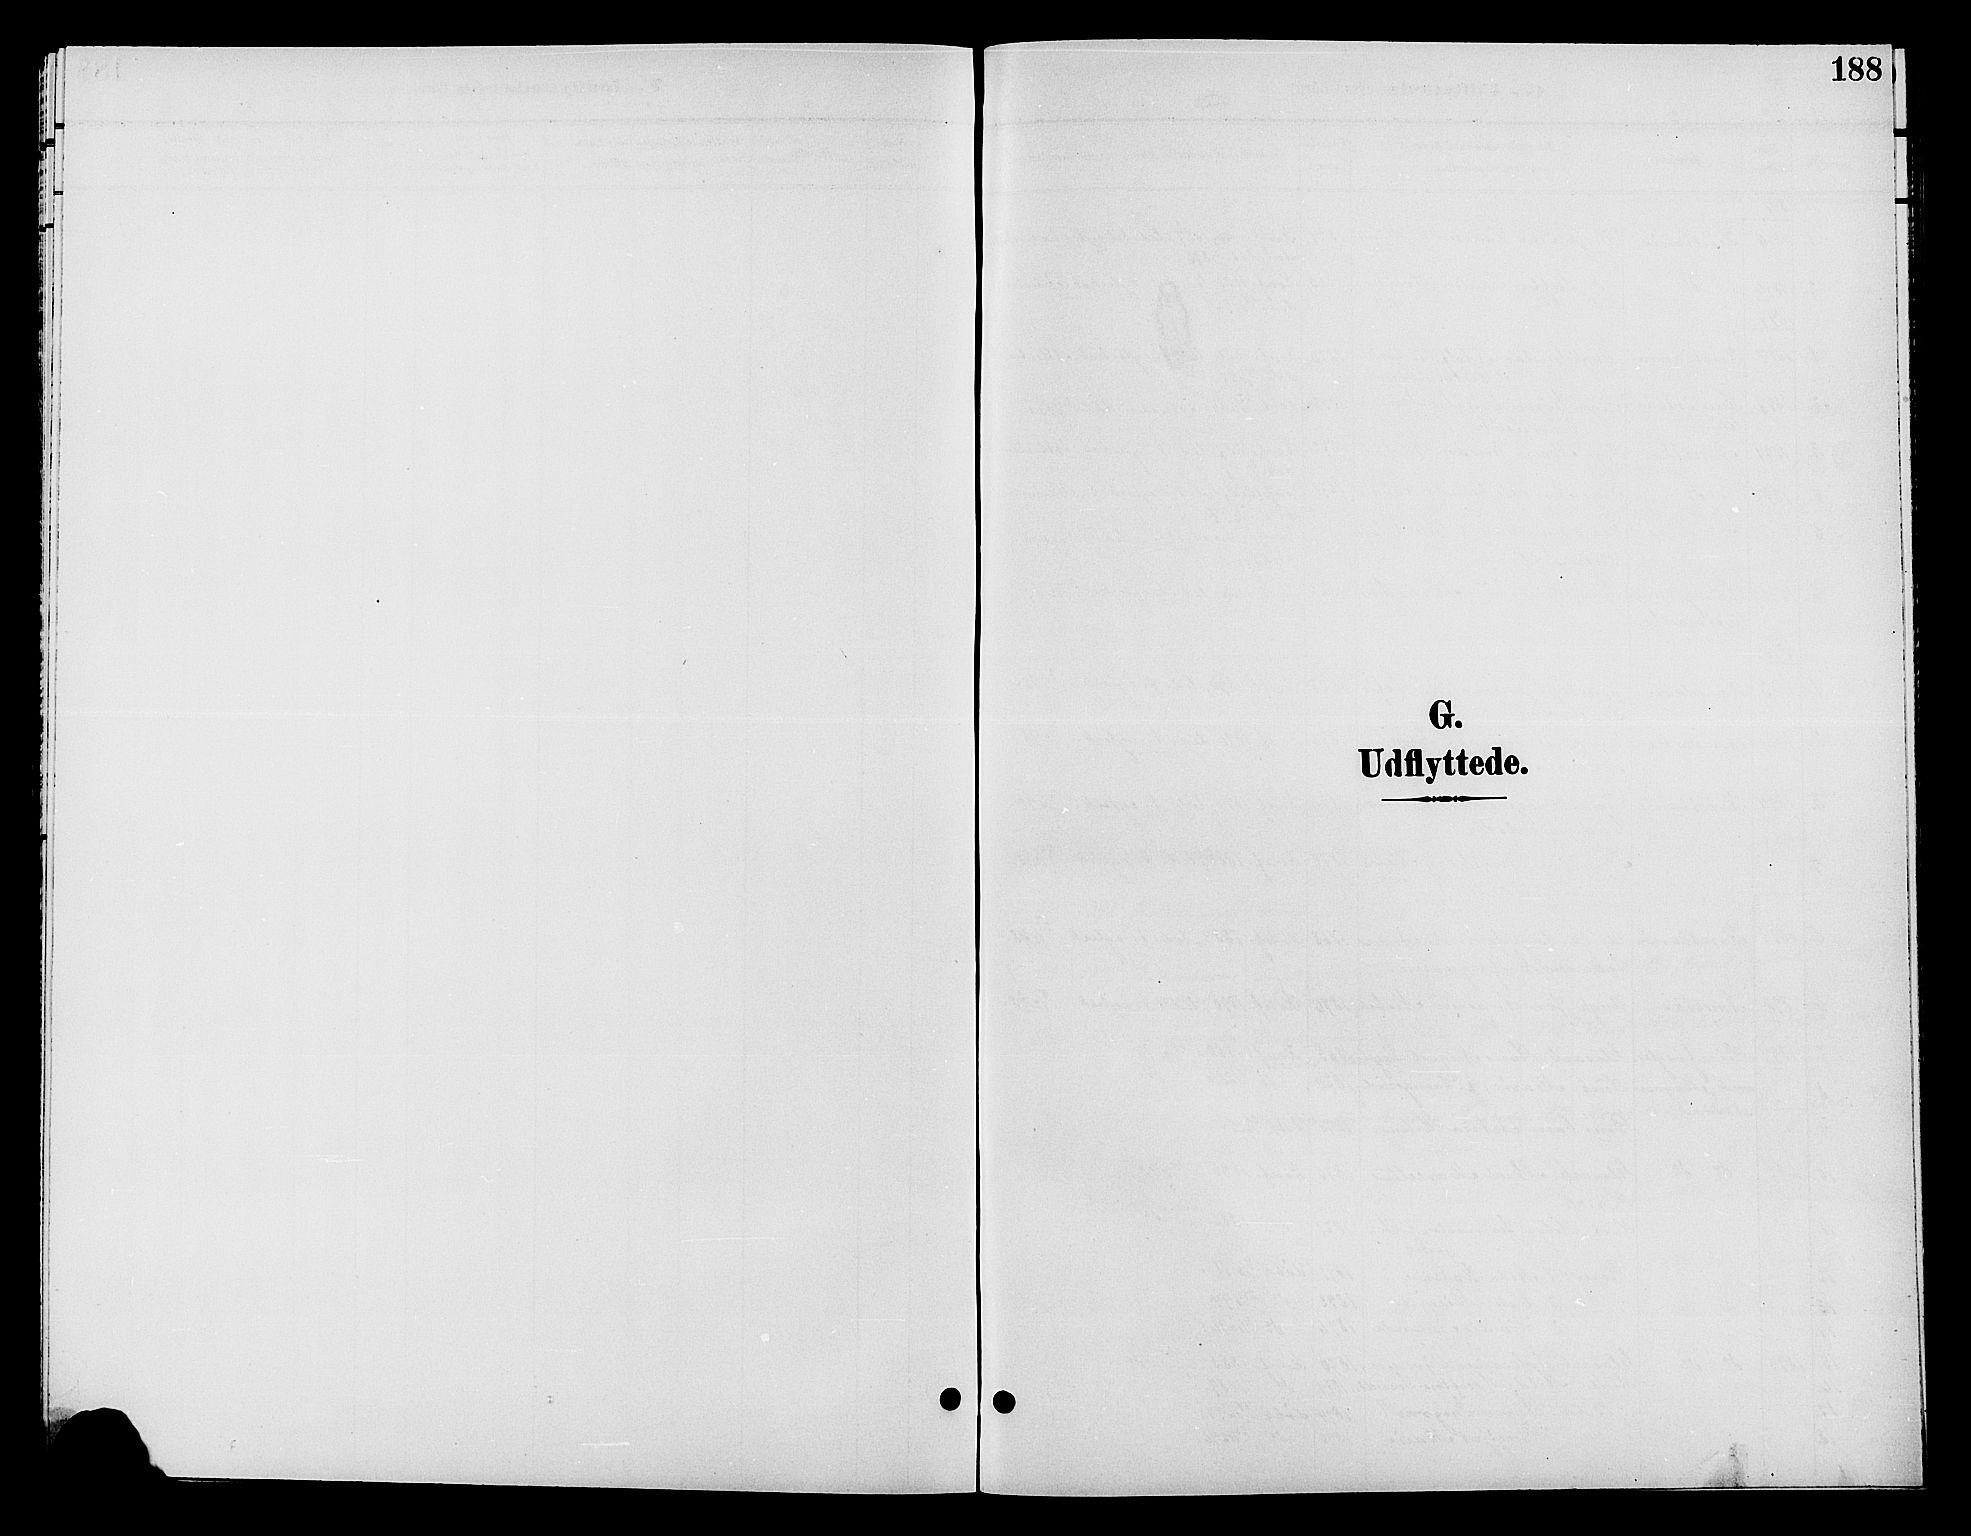 SAH, Jevnaker prestekontor, Klokkerbok nr. 2, 1896-1906, s. 188